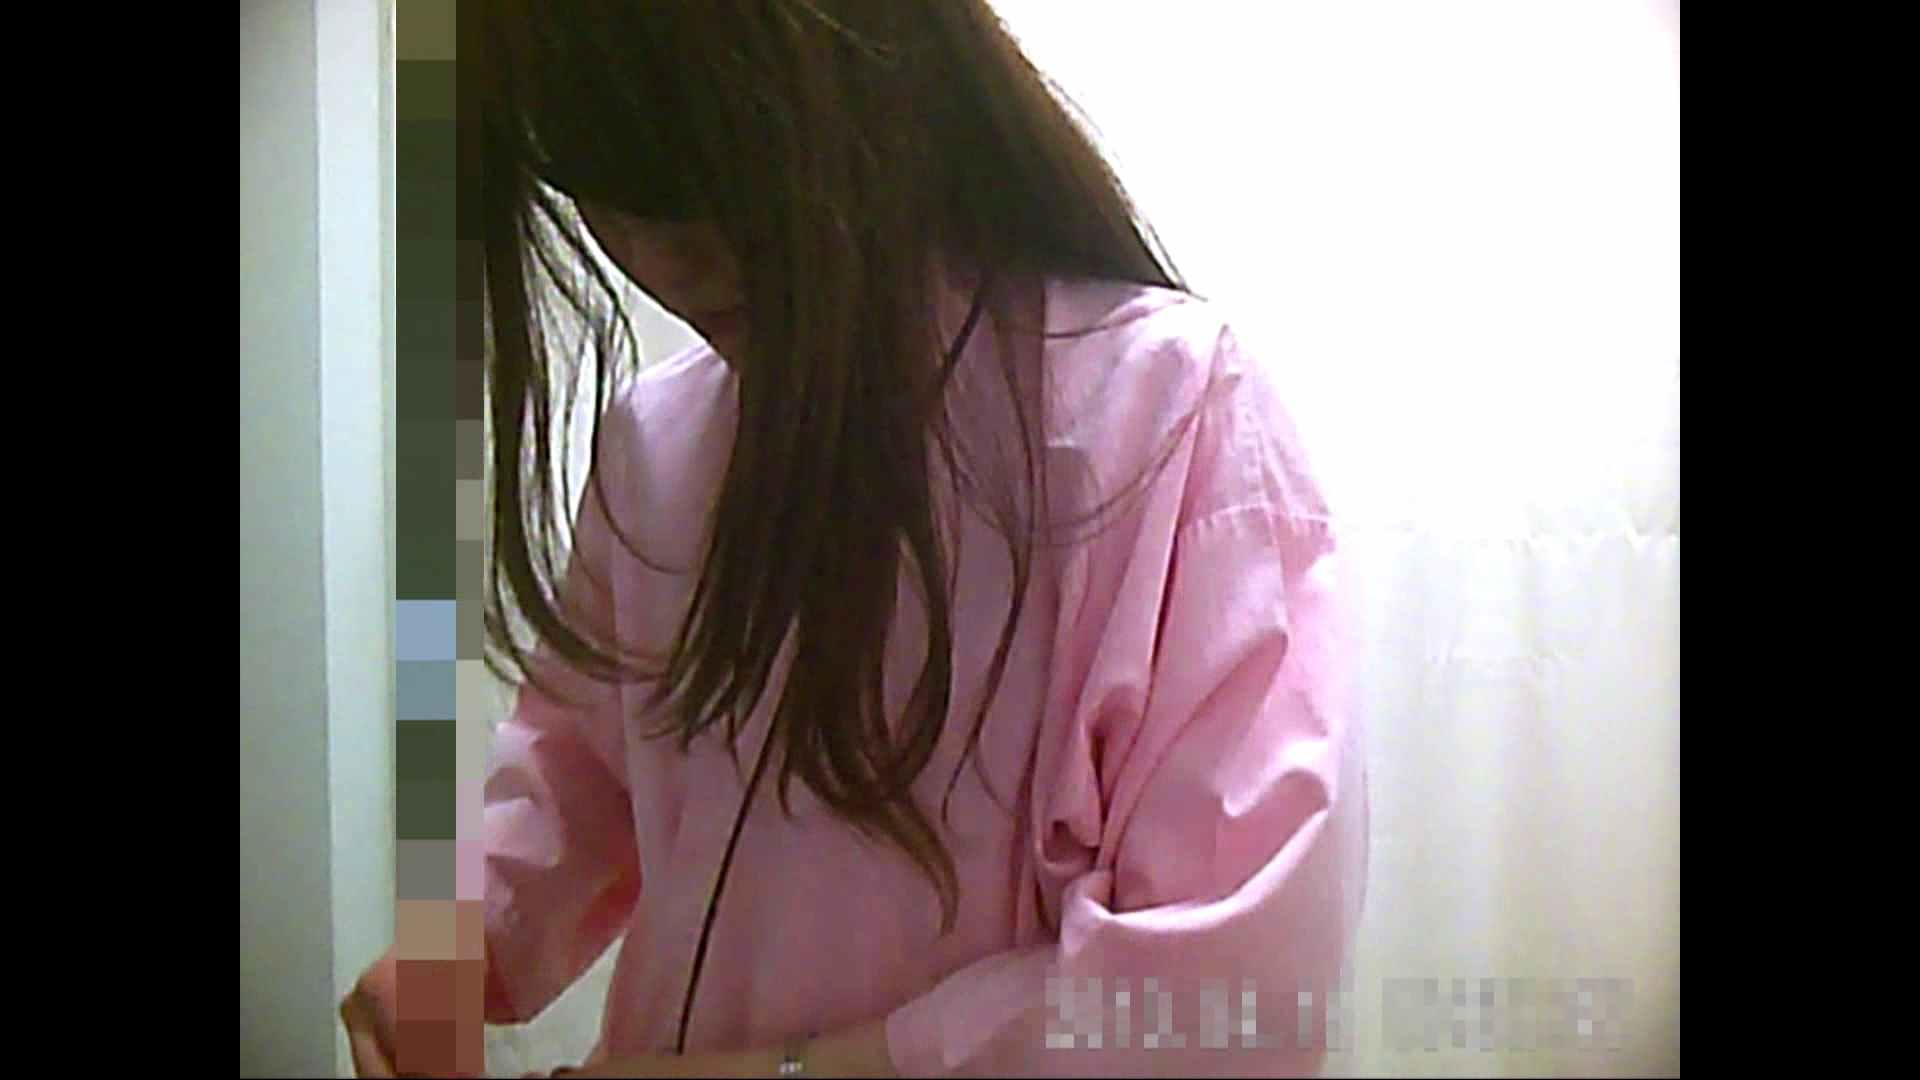 元医者による反抗 更衣室地獄絵巻 vol.093 OL | 0  93連発 59